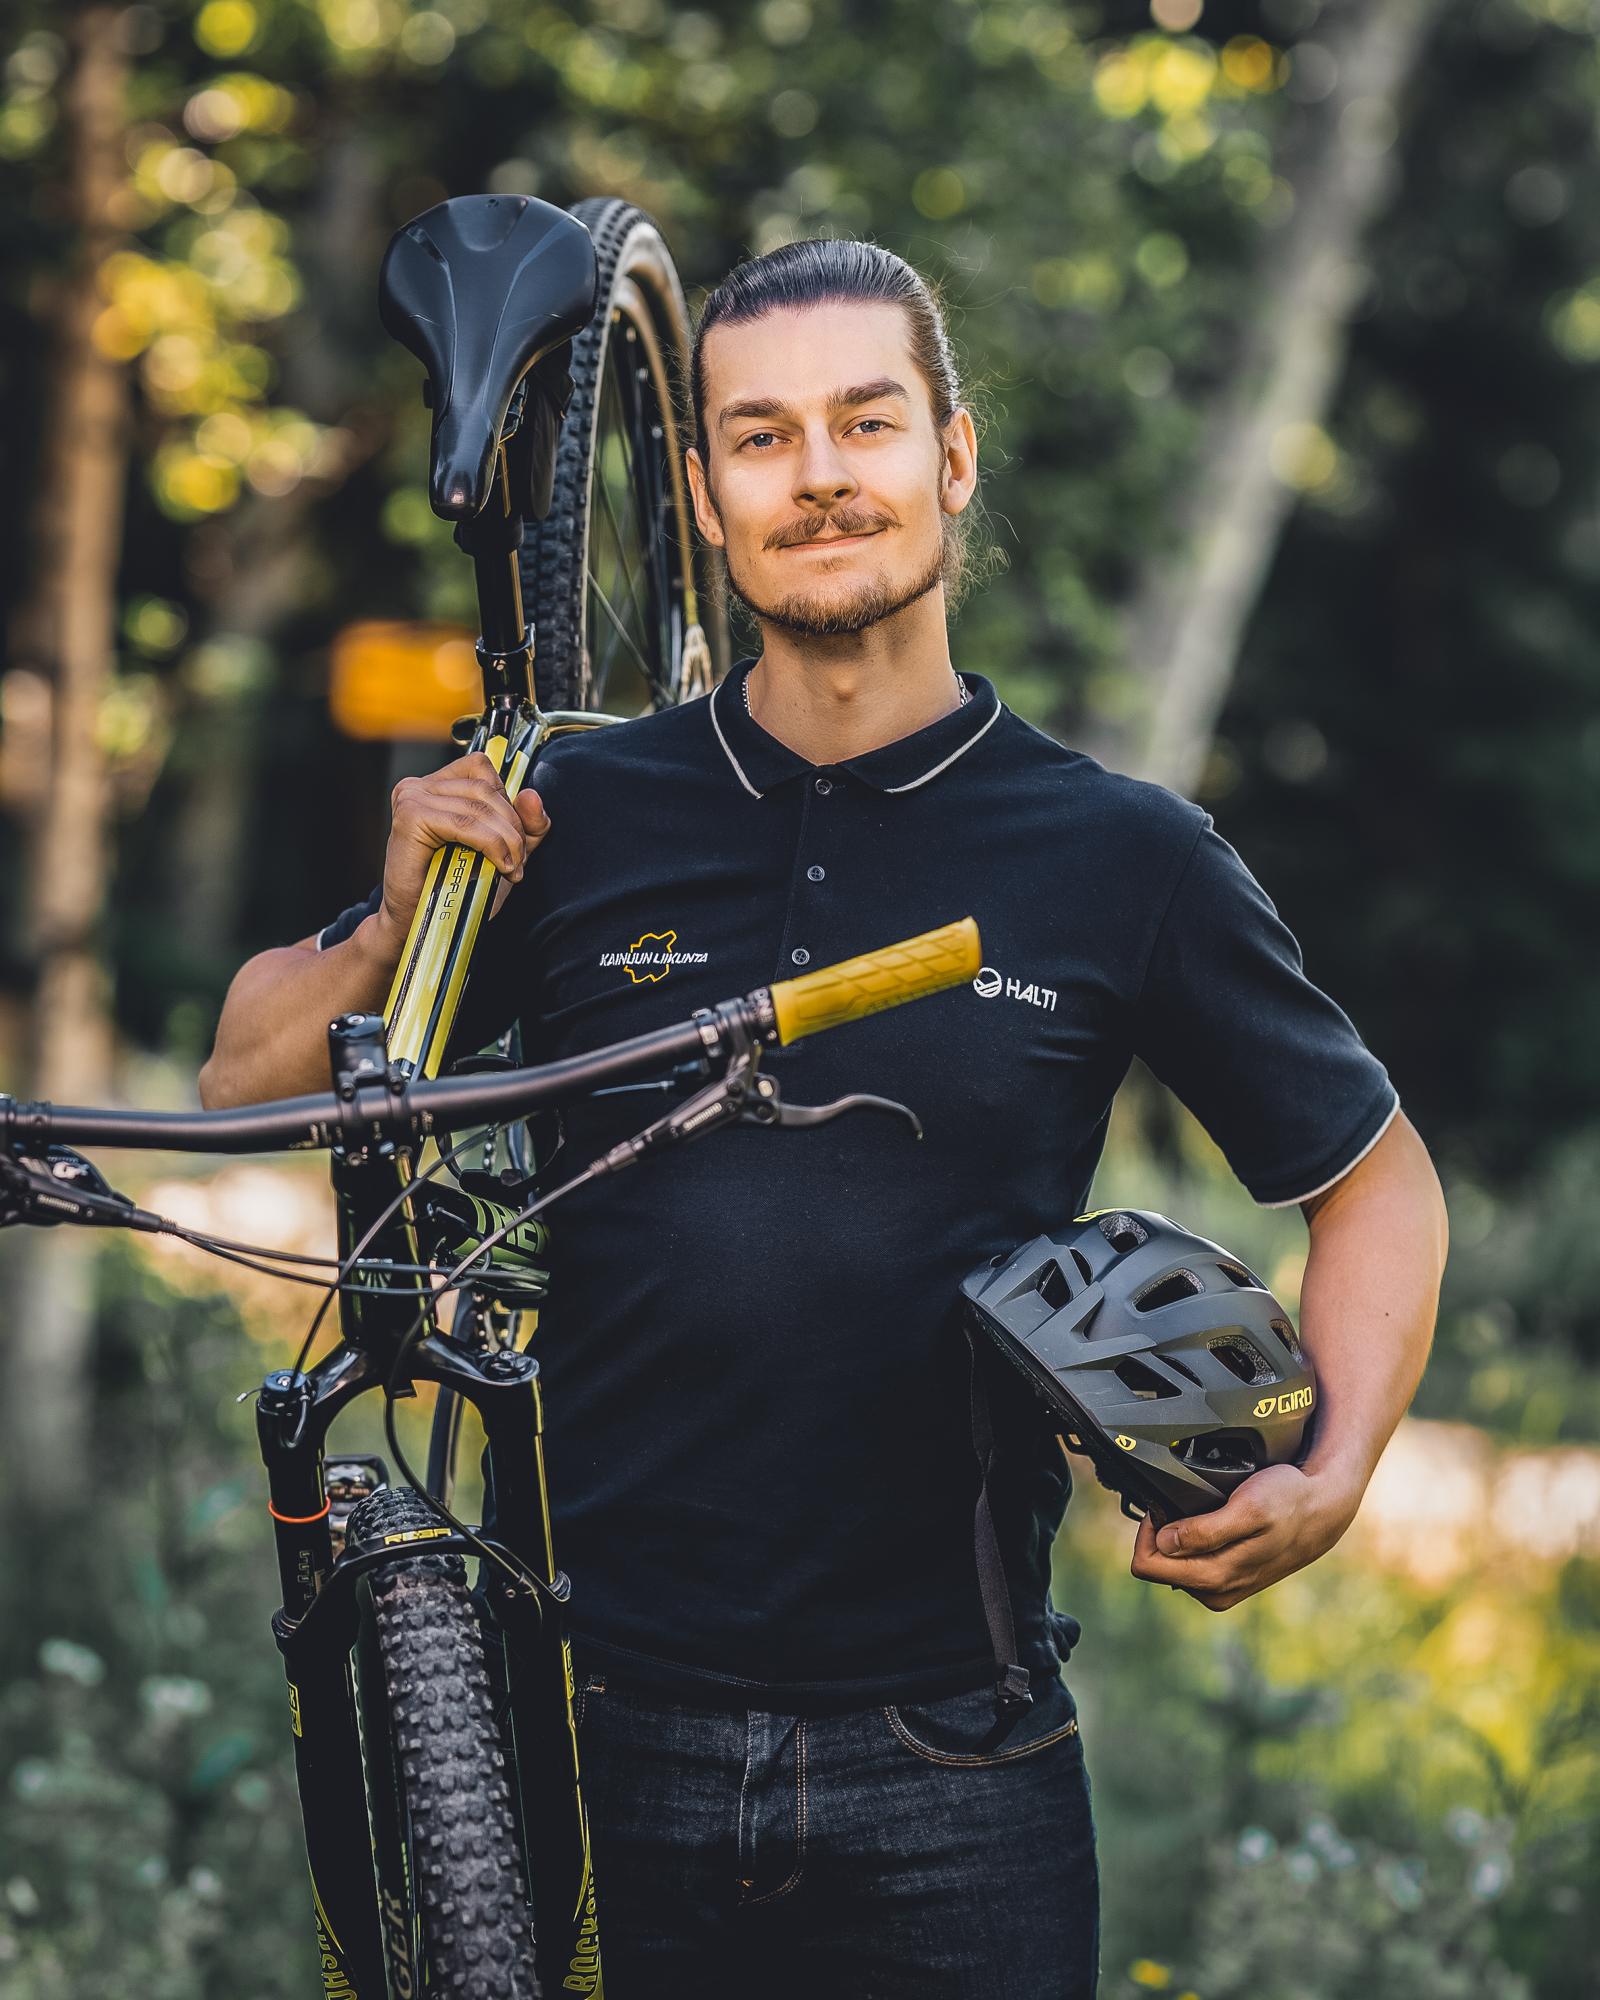 Kainuun Liikunta ry - Yhteystiedot - Tatu Heikkilä - Mies pitelee polkupyörää ja kypärää.